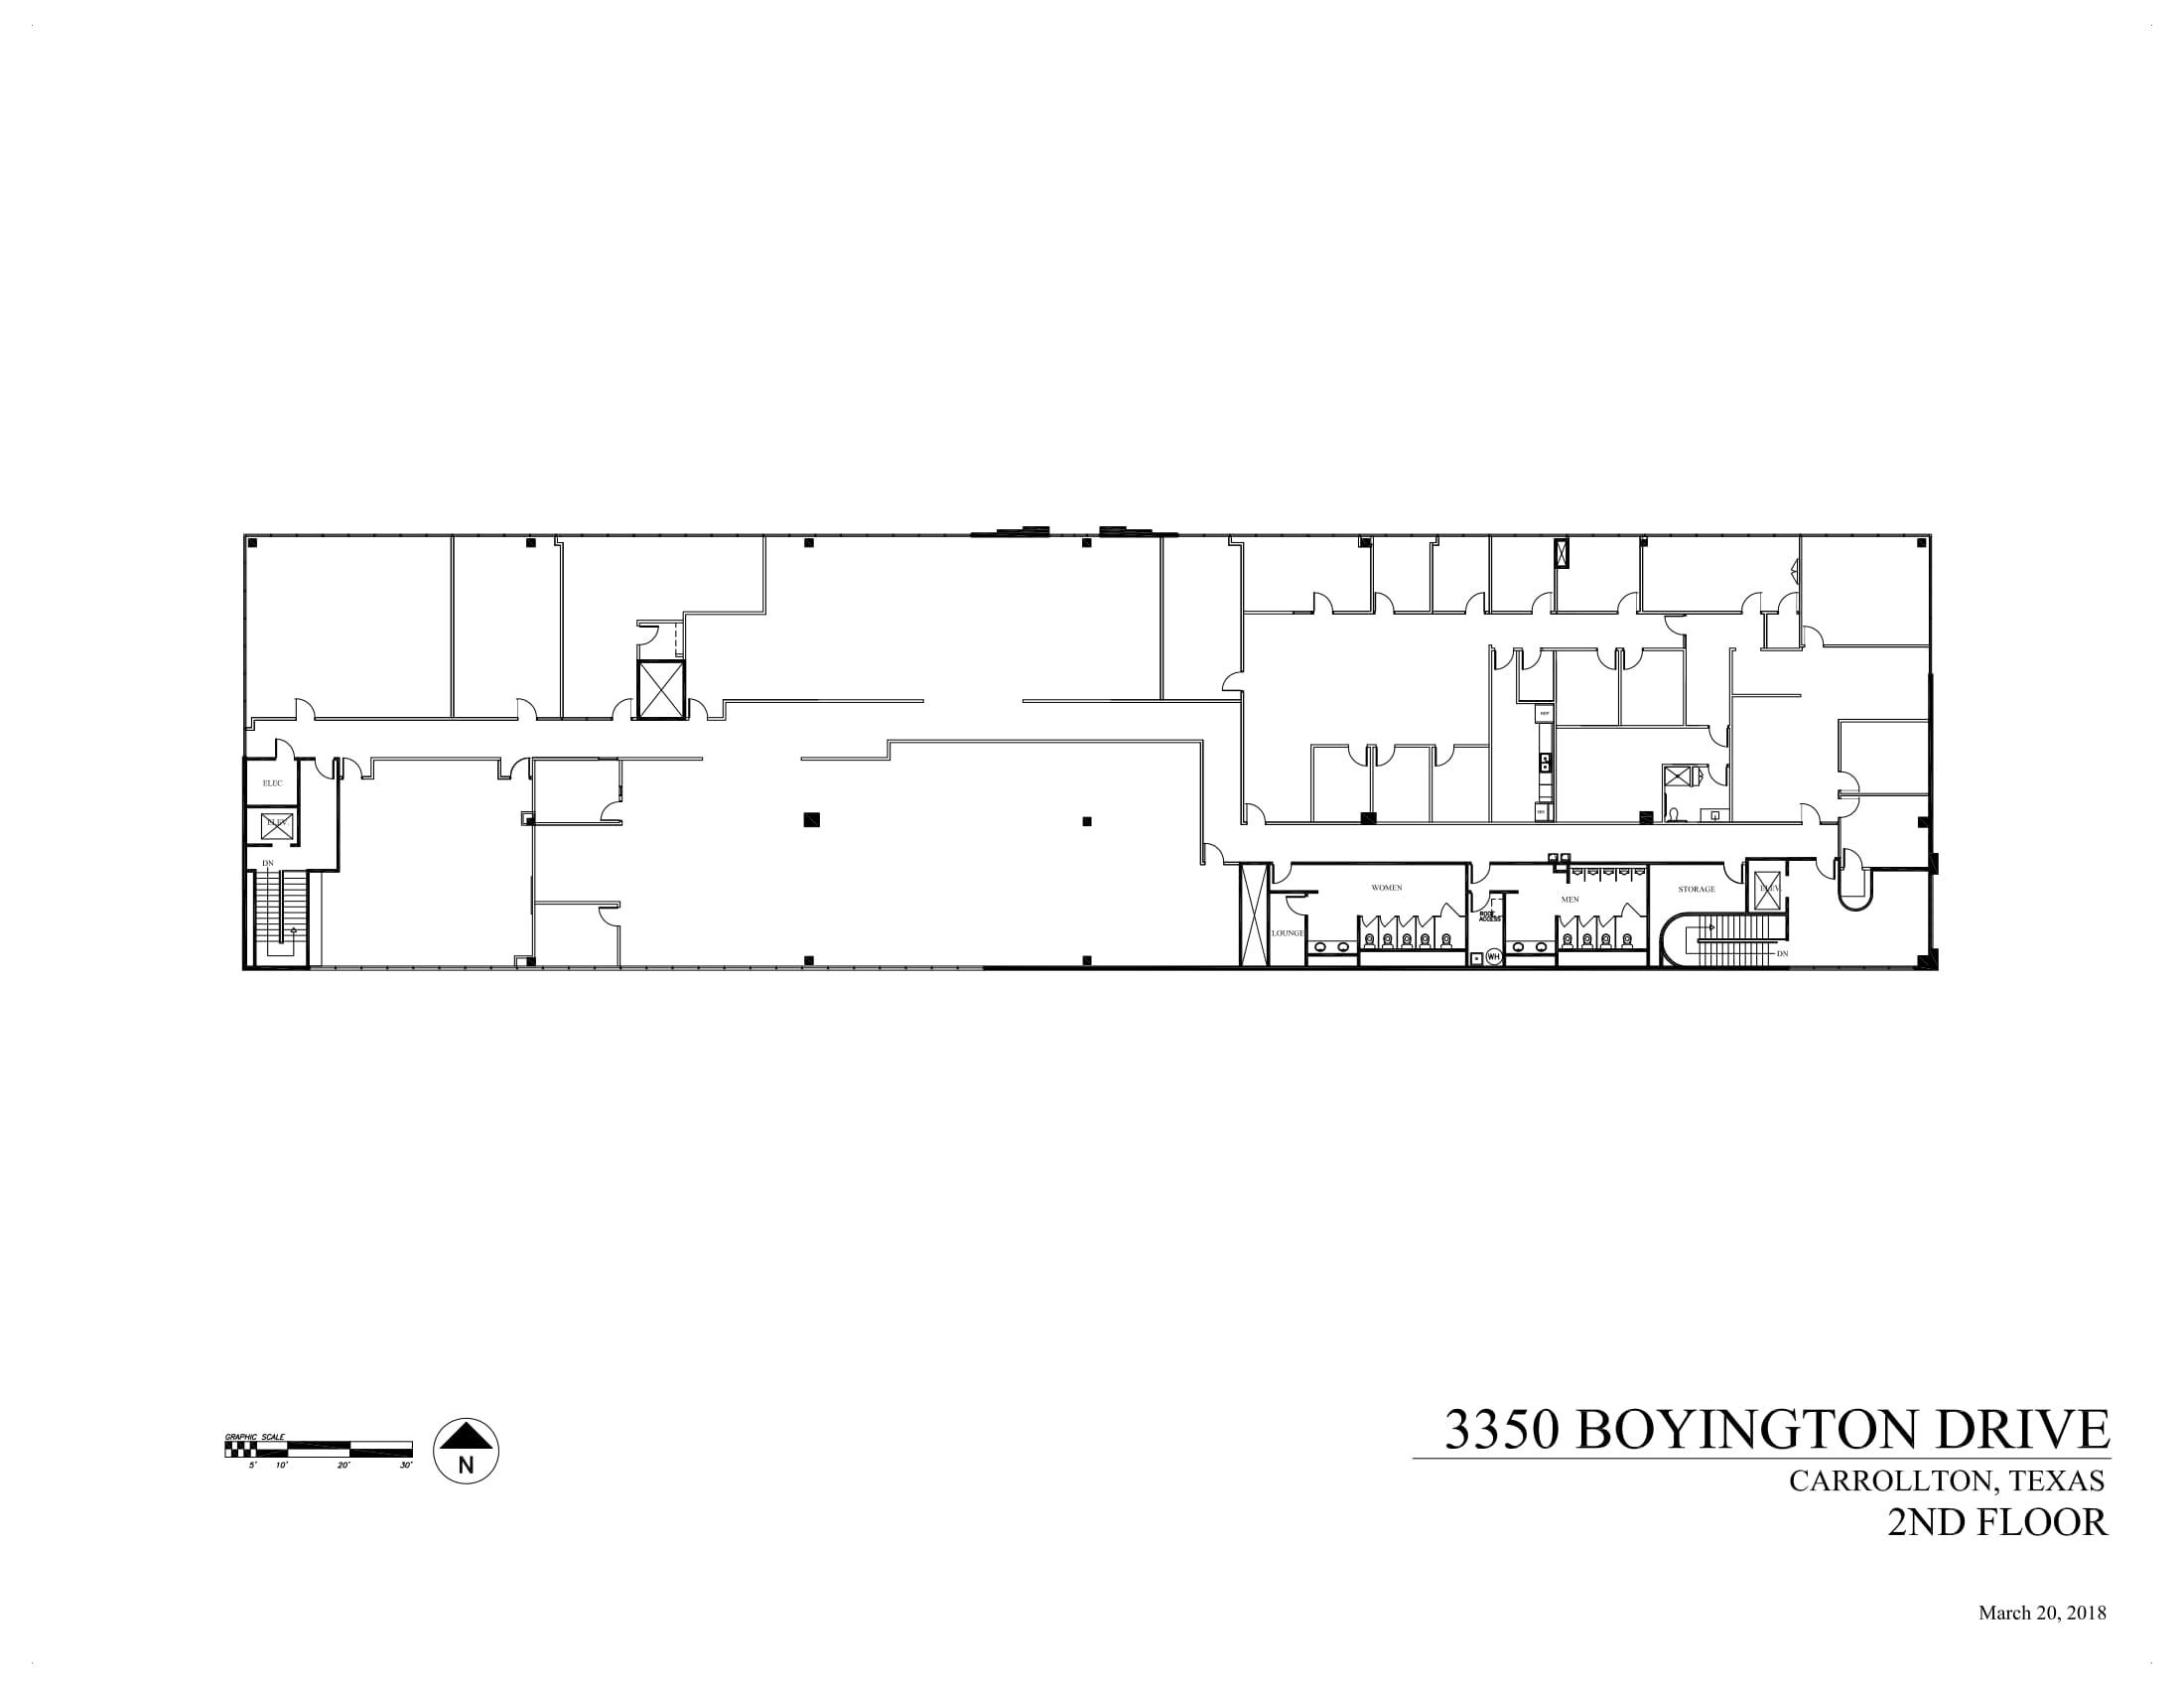 3350 Boyington Drive - 2nd Floor - As-built-1